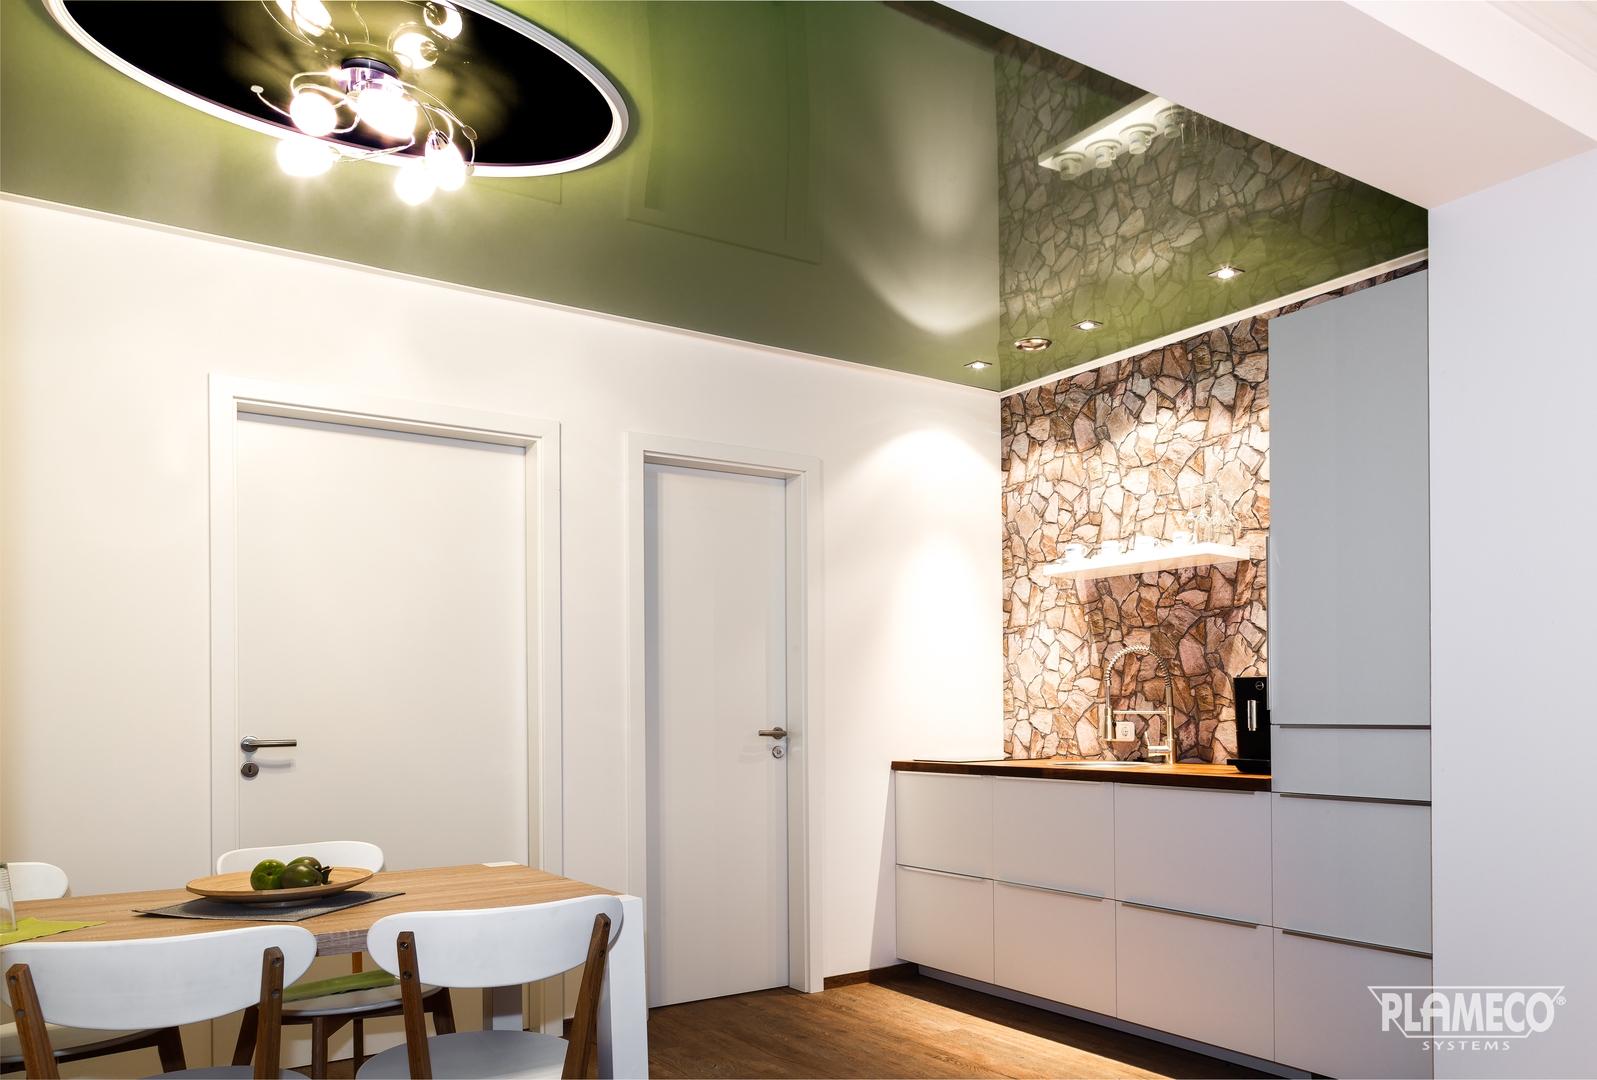 lackspanndecken plameco beckmann. Black Bedroom Furniture Sets. Home Design Ideas